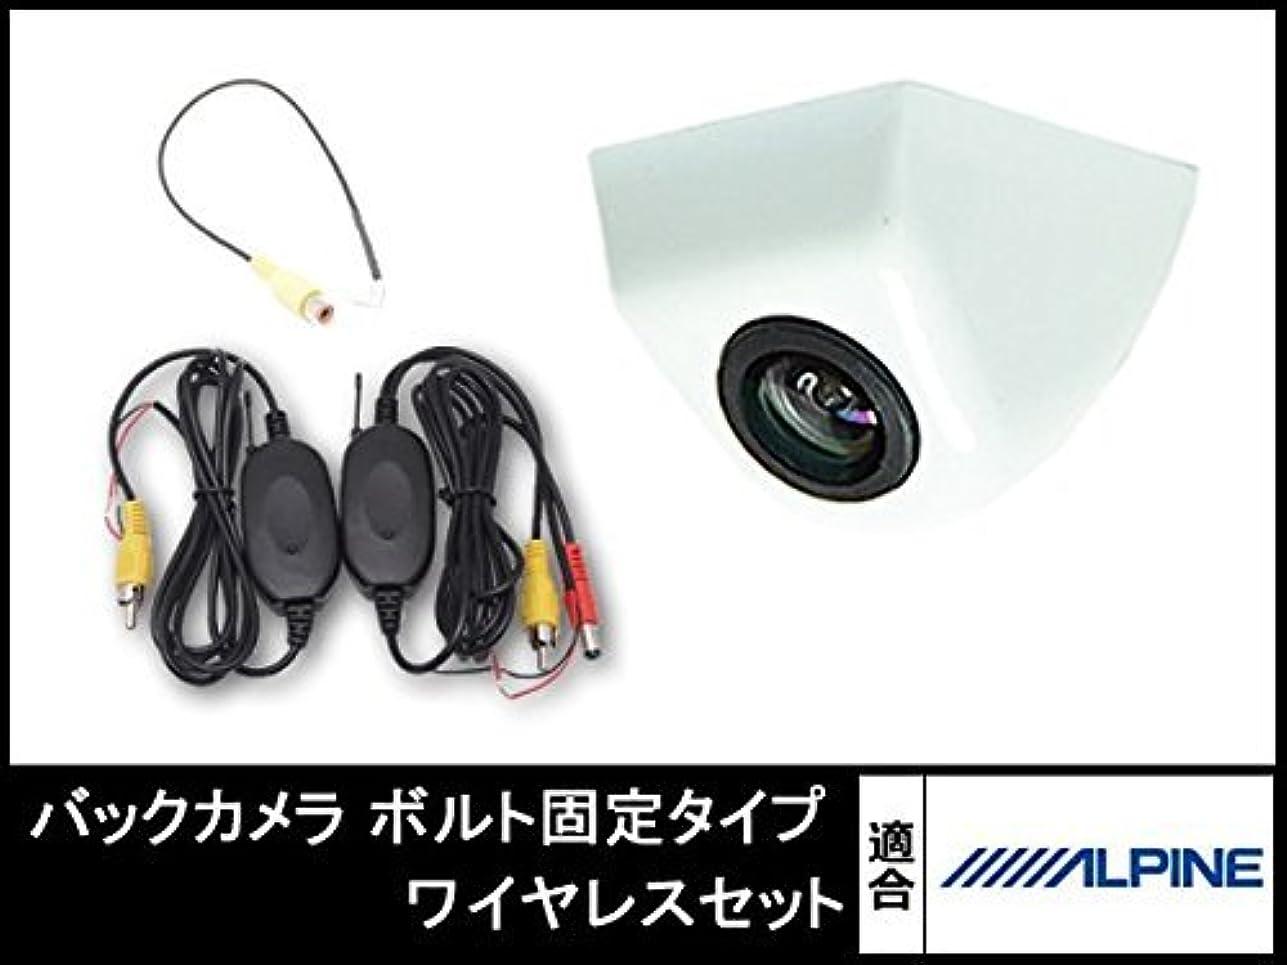 幸運義務ベンチタント 専用設計ナビ 700W-TN-NR 対応 高画質 バックカメラ ボルト固定タイプ ホワイト 車載用 広角170° 超高精細 CMOS センサー 【ワイヤレスキット付】